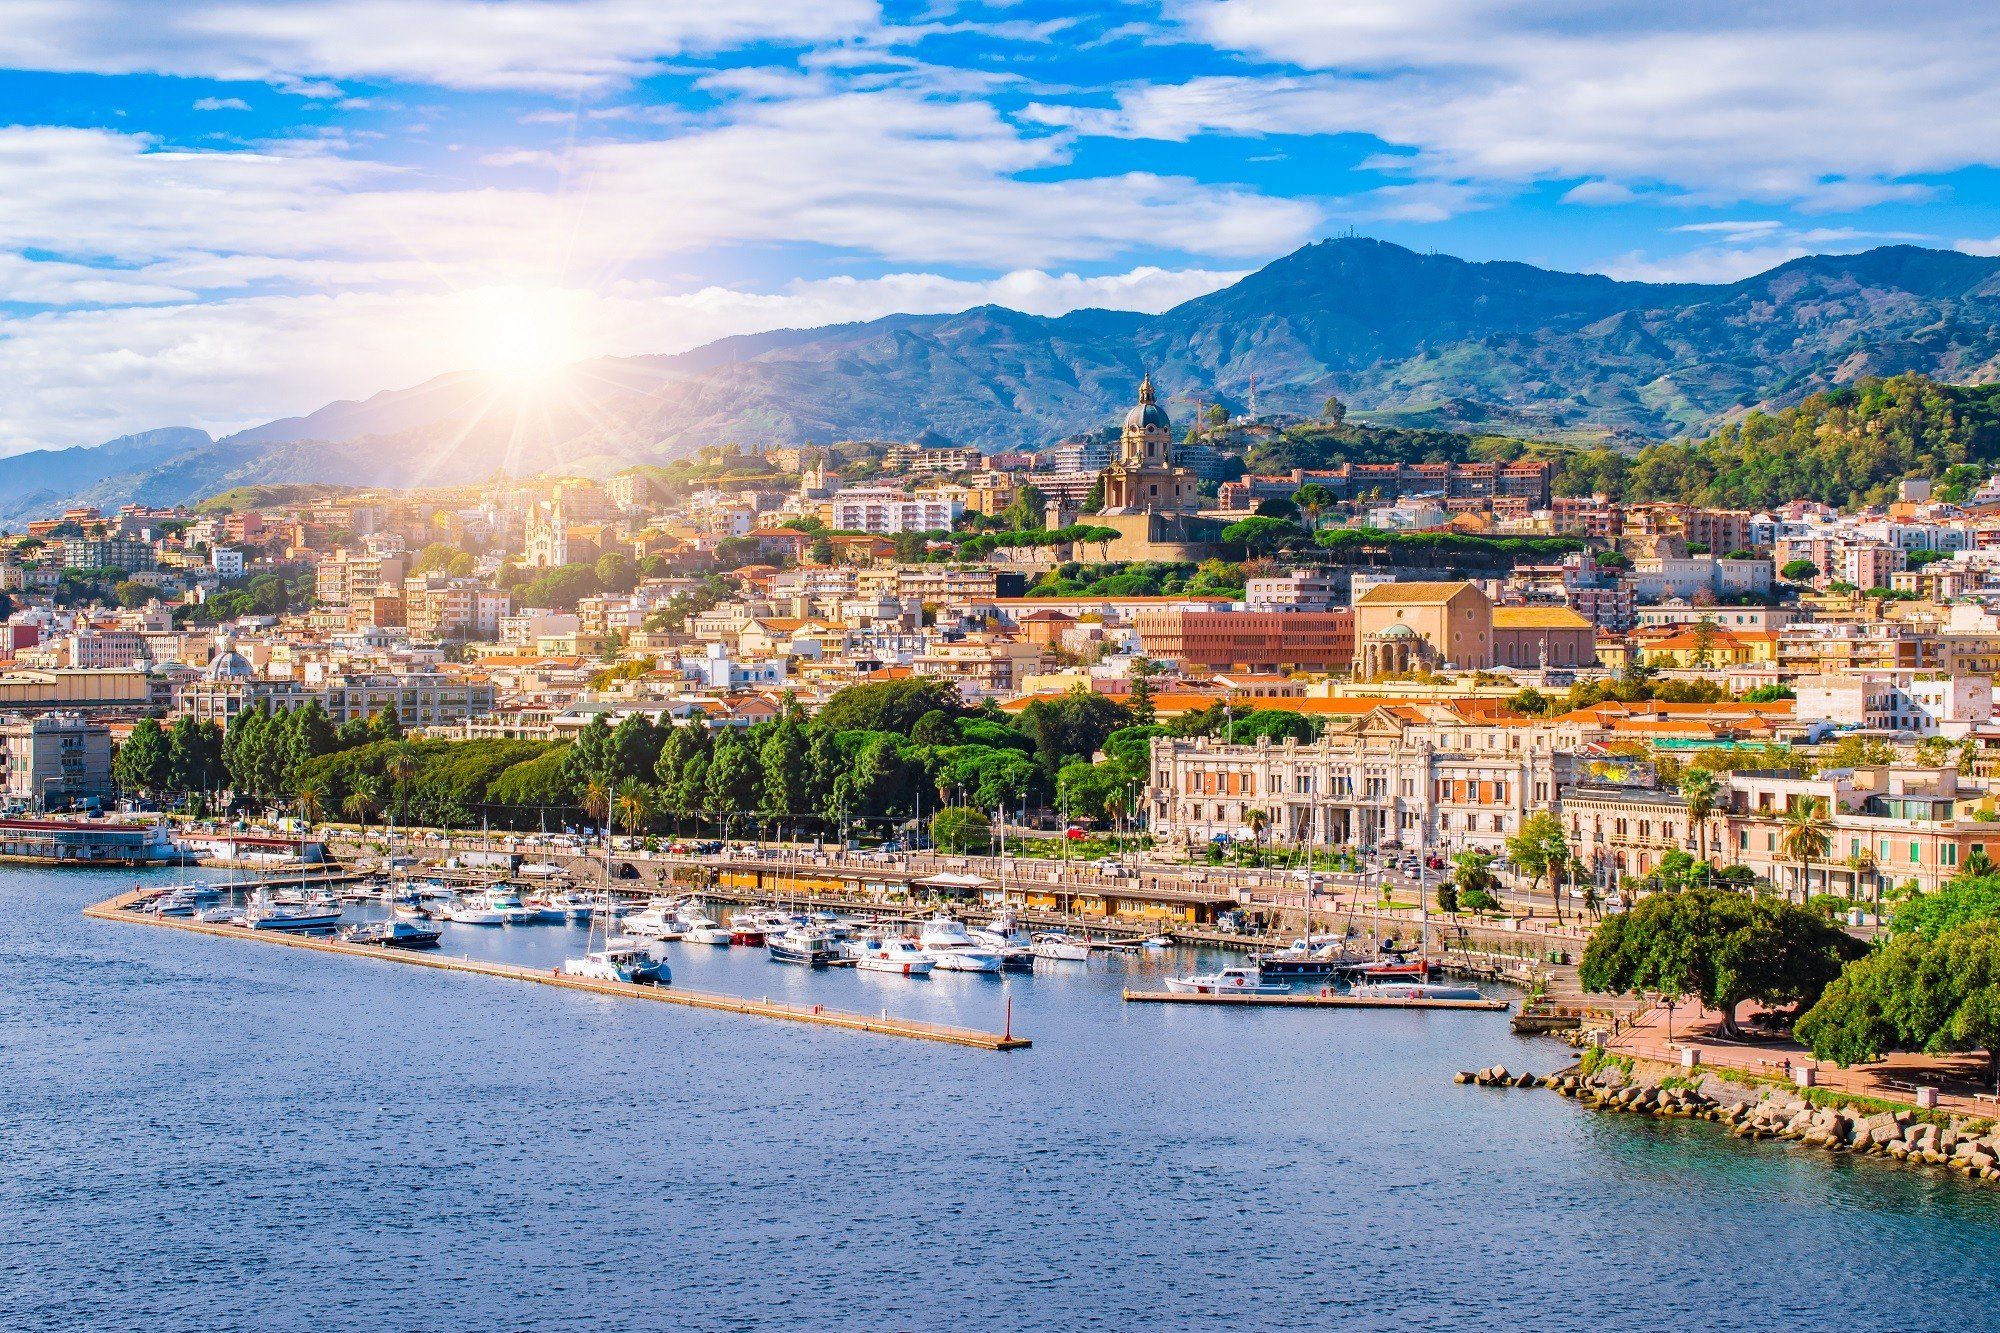 Dagaanbieding - 8-daagse fly en drive door Sicilië incl. vlucht, hotels en autohuur dagelijkse koopjes